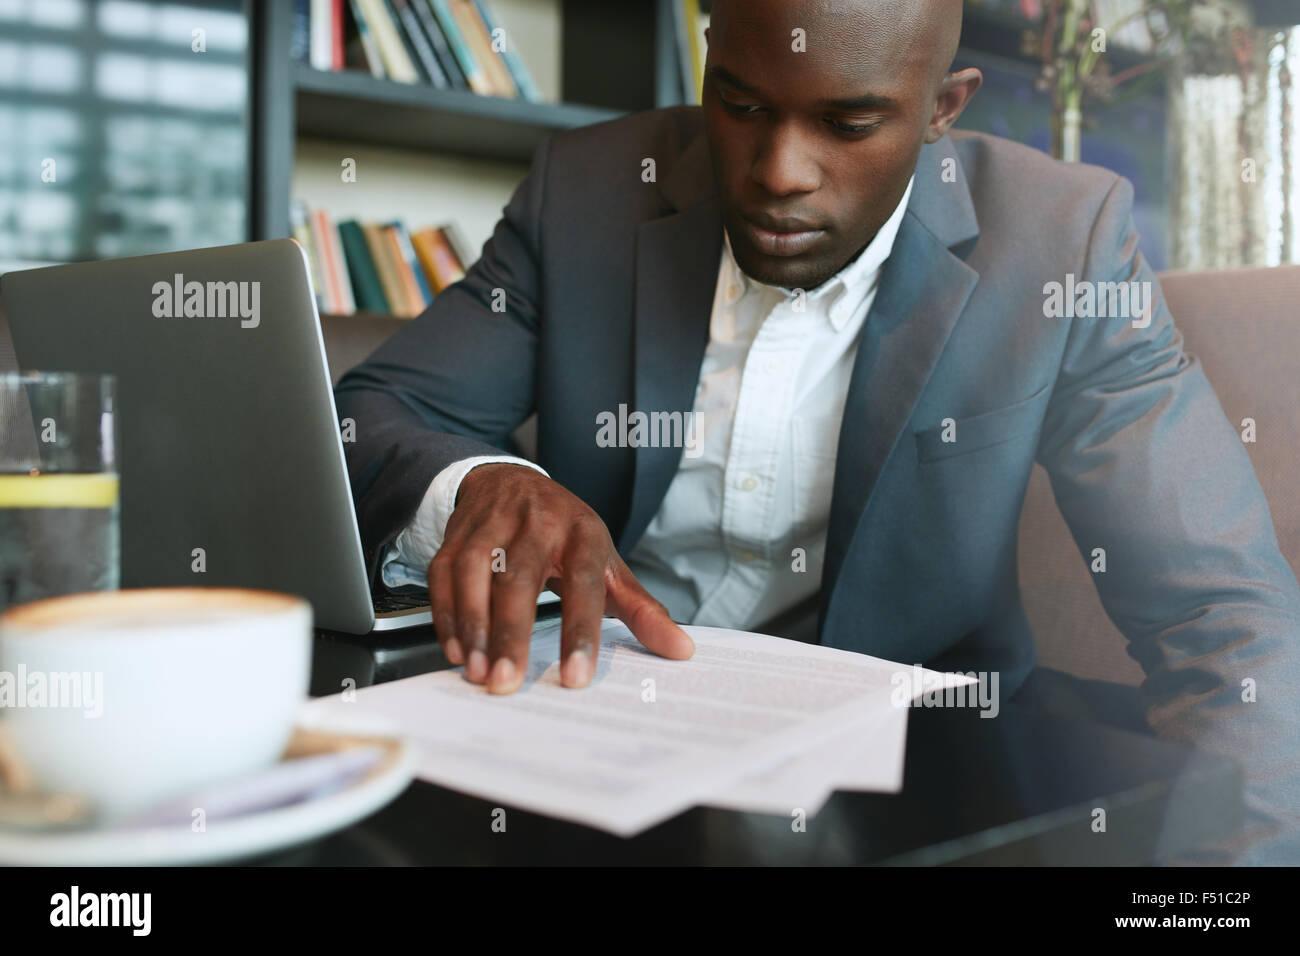 Businessman dans un contrat de lecture d'un document. Les entreprises africaines de la séance de travail Photo Stock